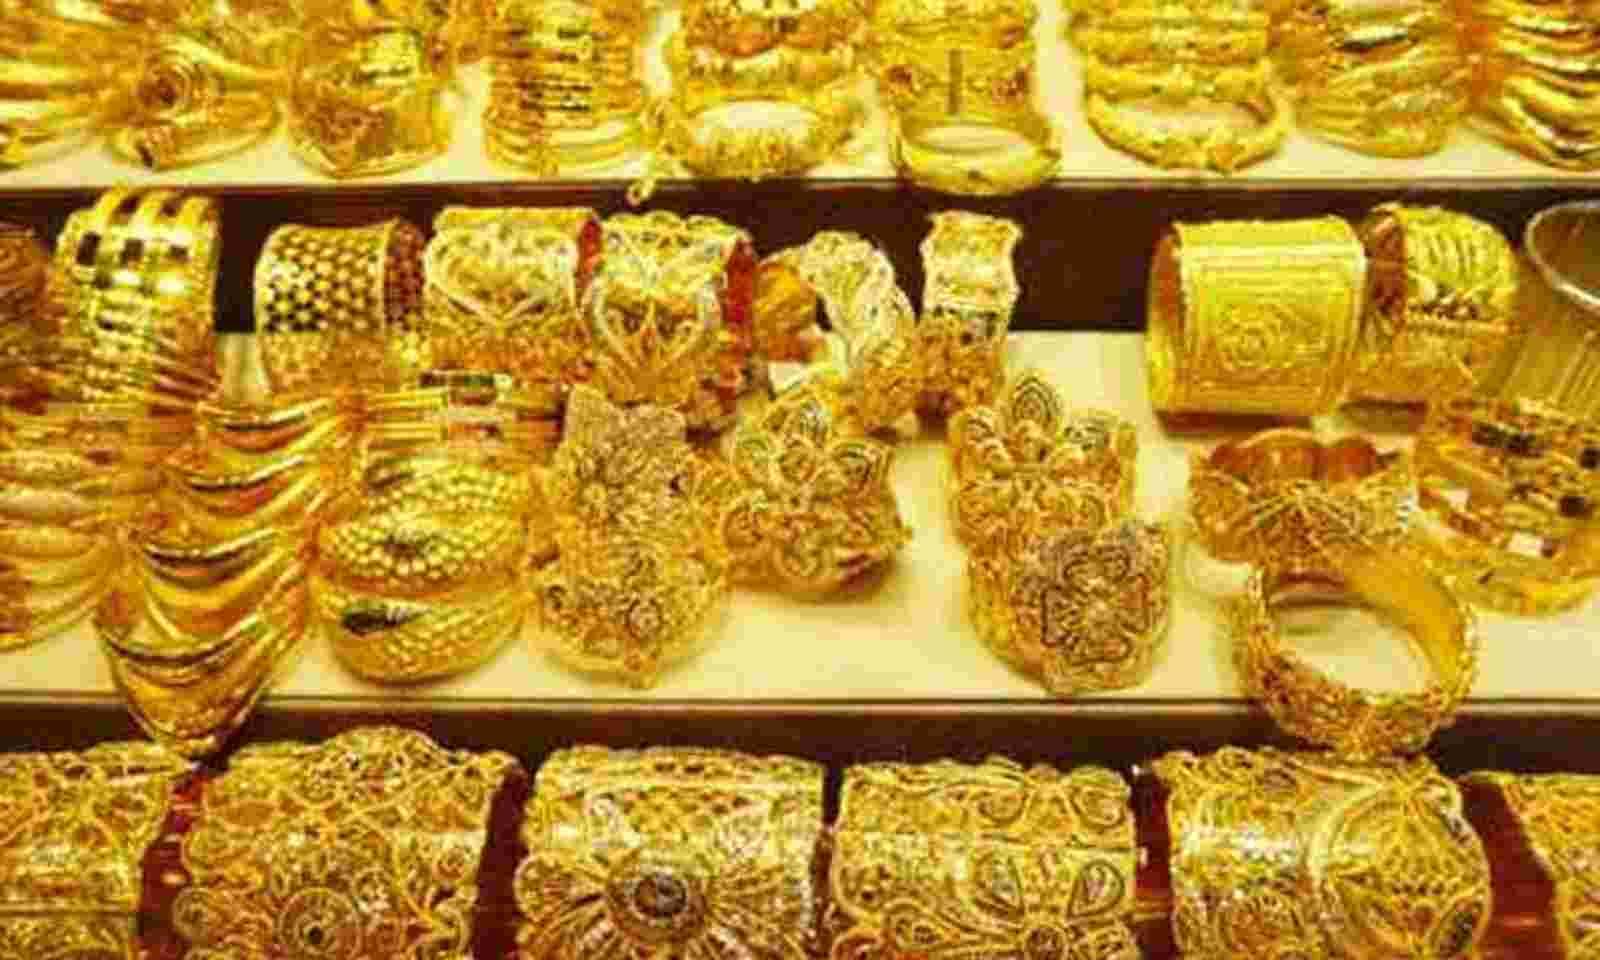 Gold price today: बाजार में मंगलवार को सोने के भाव में तेजी, जानिए कितनी है कीमत